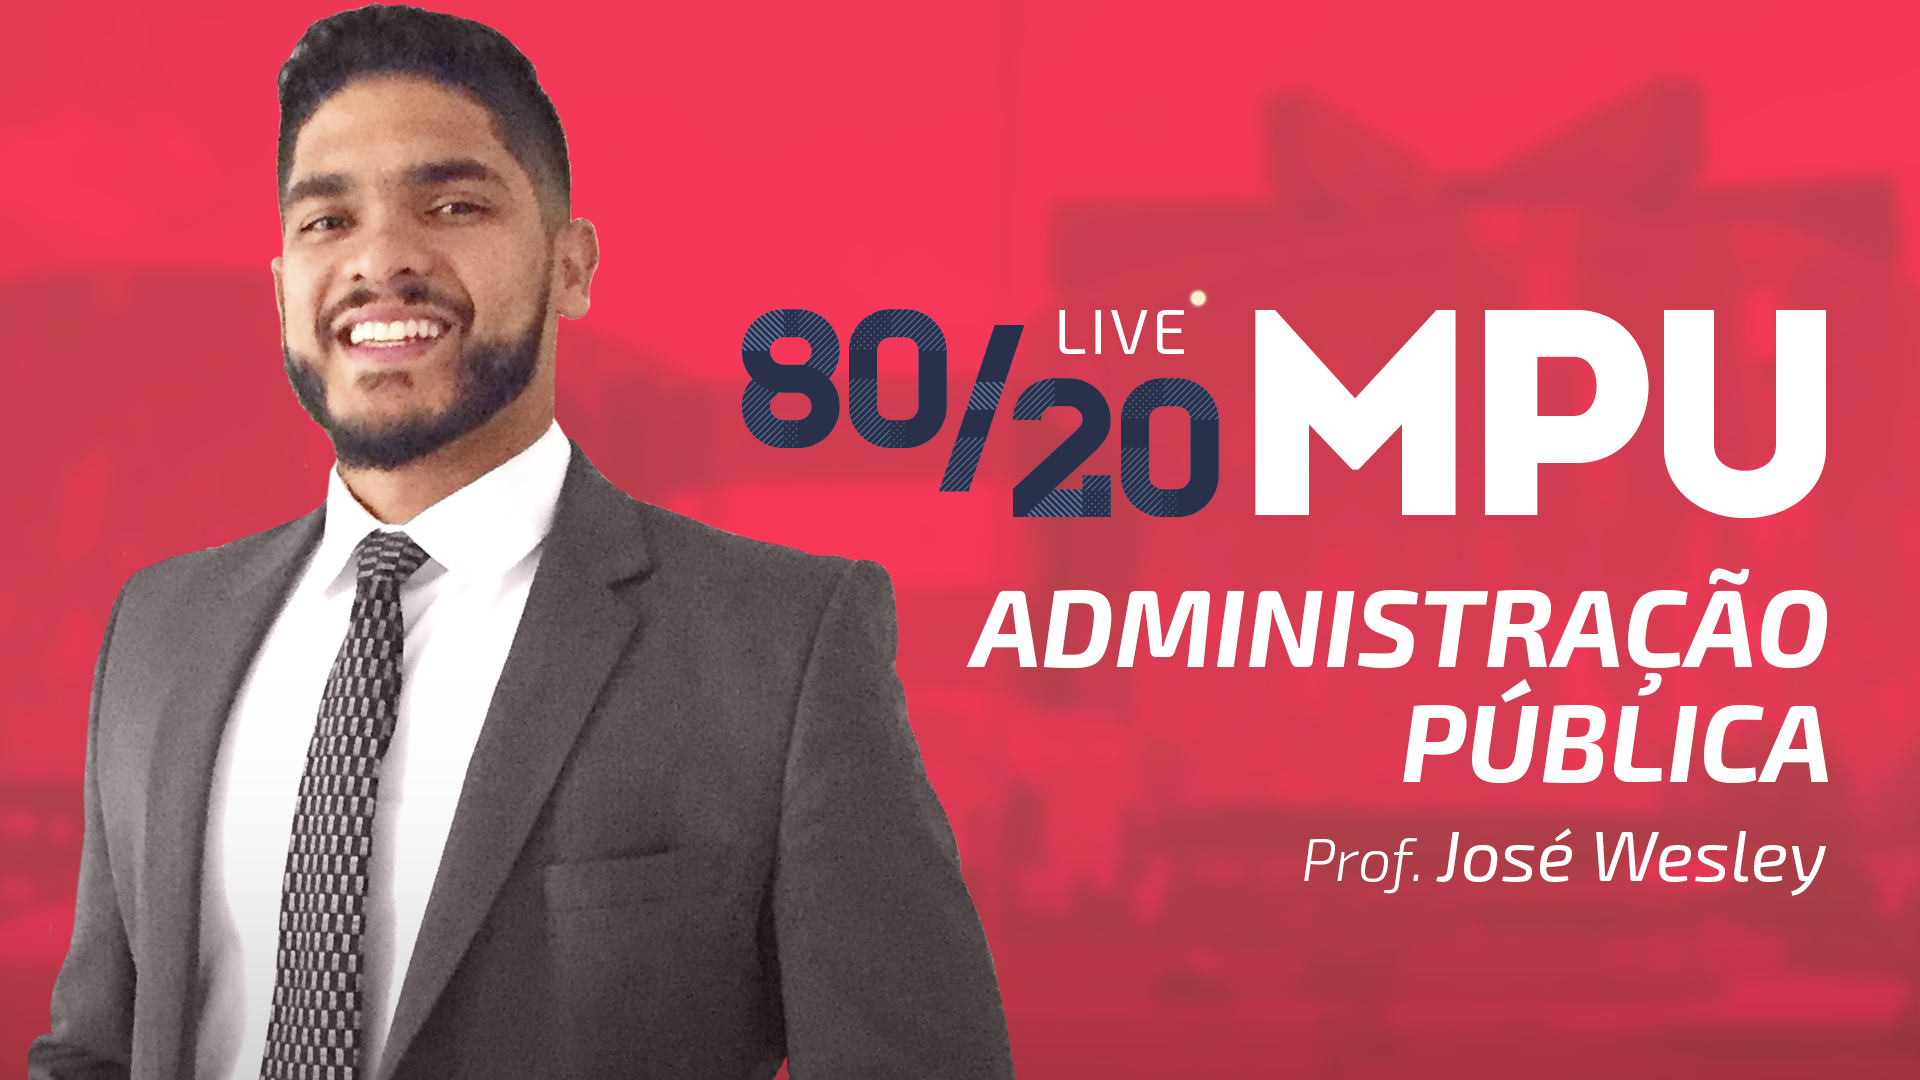 80/20 MPU Administração Pública para Técnico e Analista